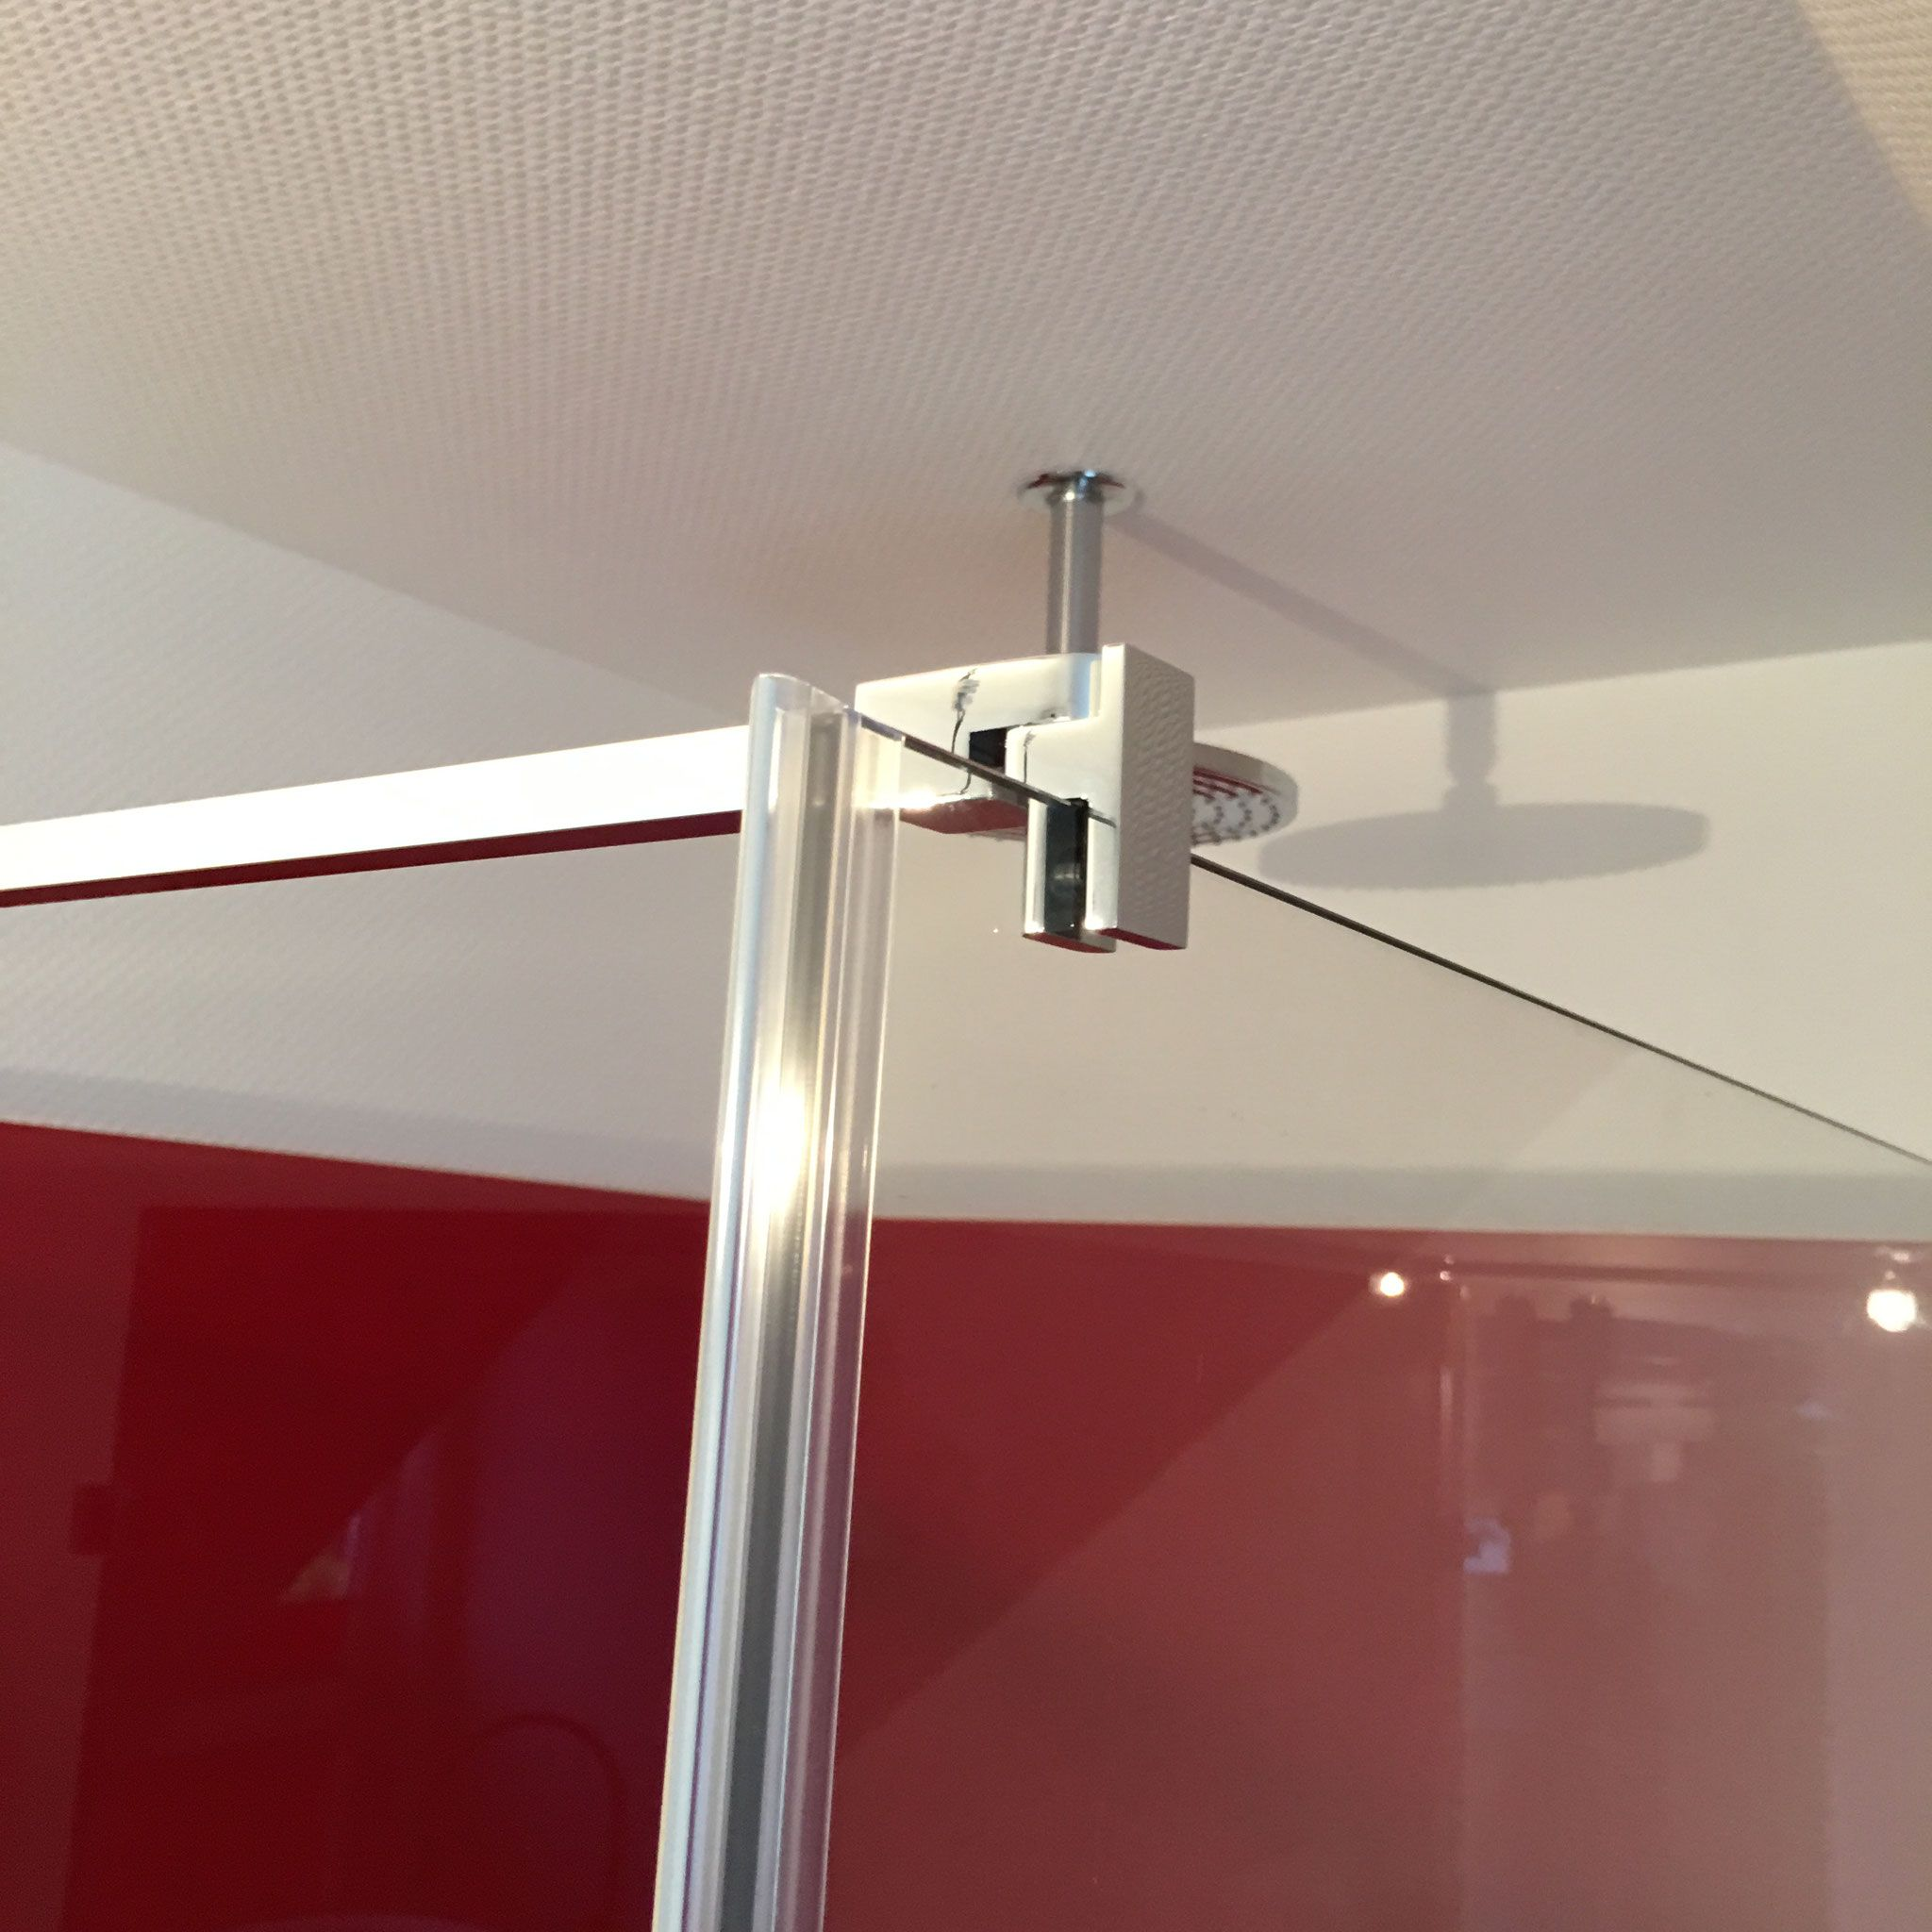 Duschen glasereiprochnows Webseite! Sicherheitsglas